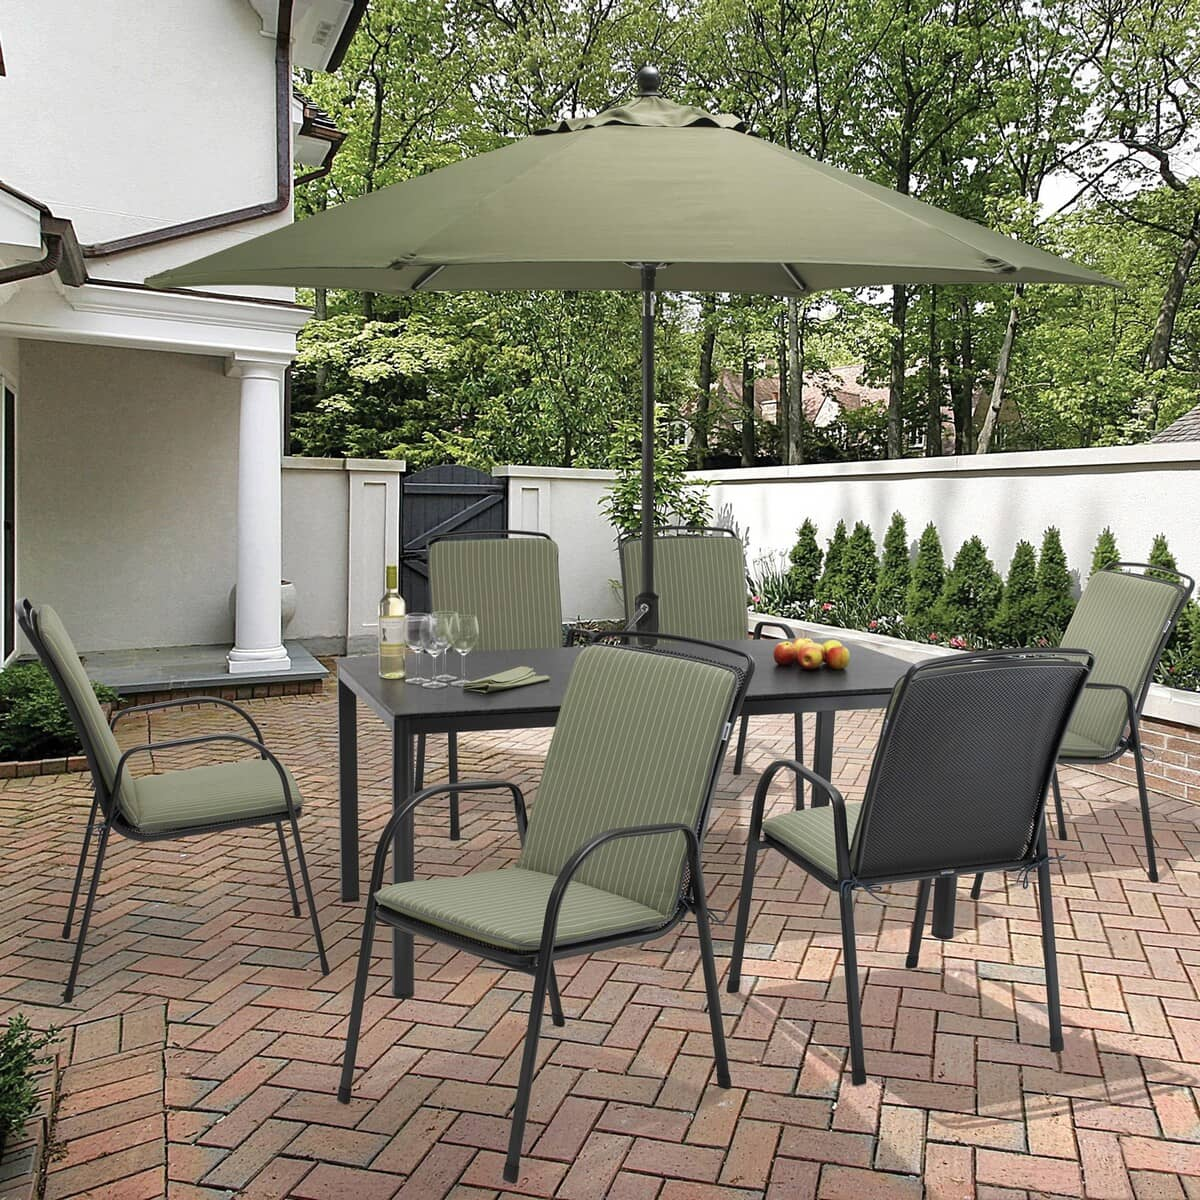 Kettler Savita 6 Seat Set - (KSAVISET02) - Garden ...